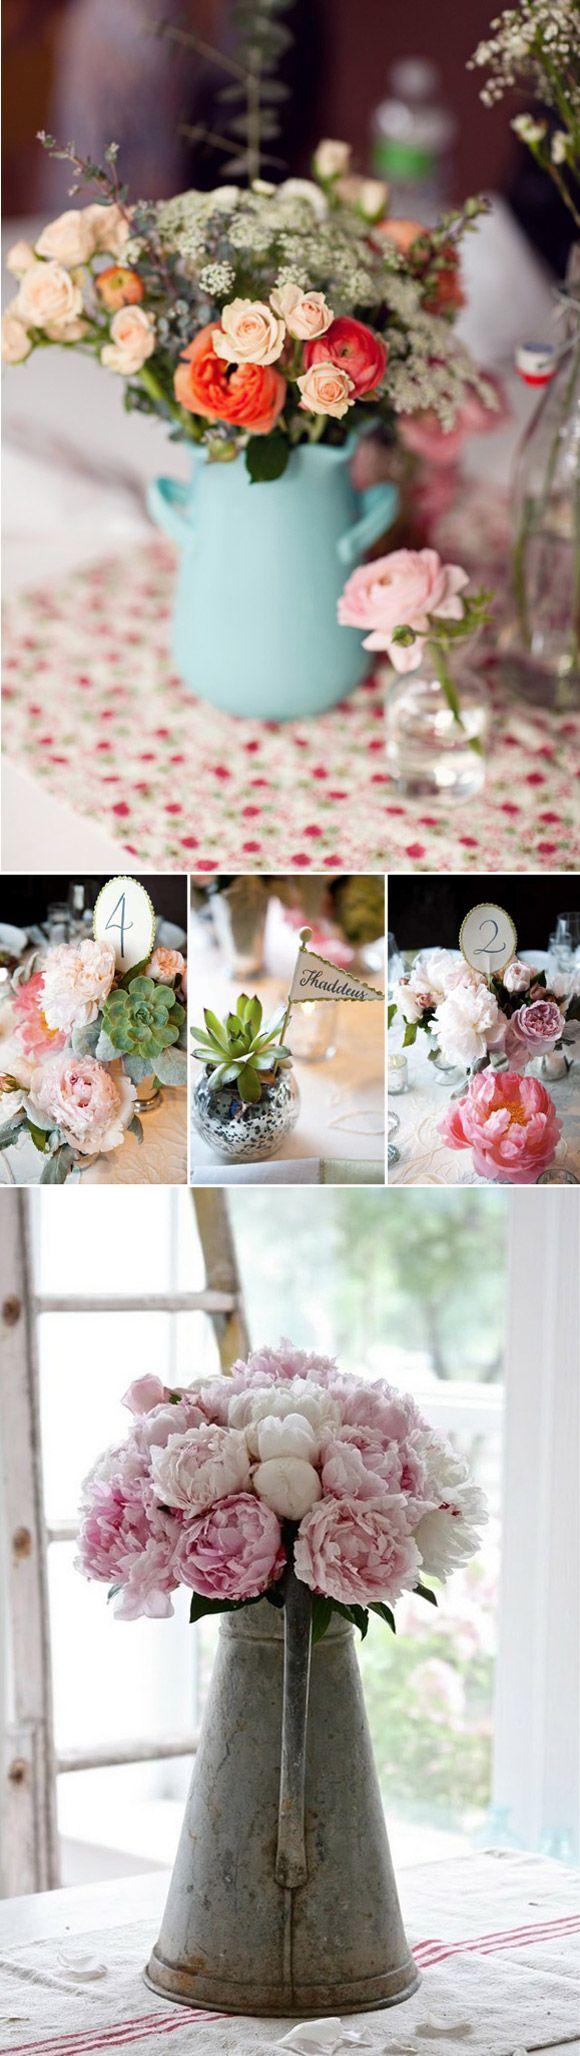 Preciosos y originales centros de mesa con flores, suculentas y regaderas antiguas.